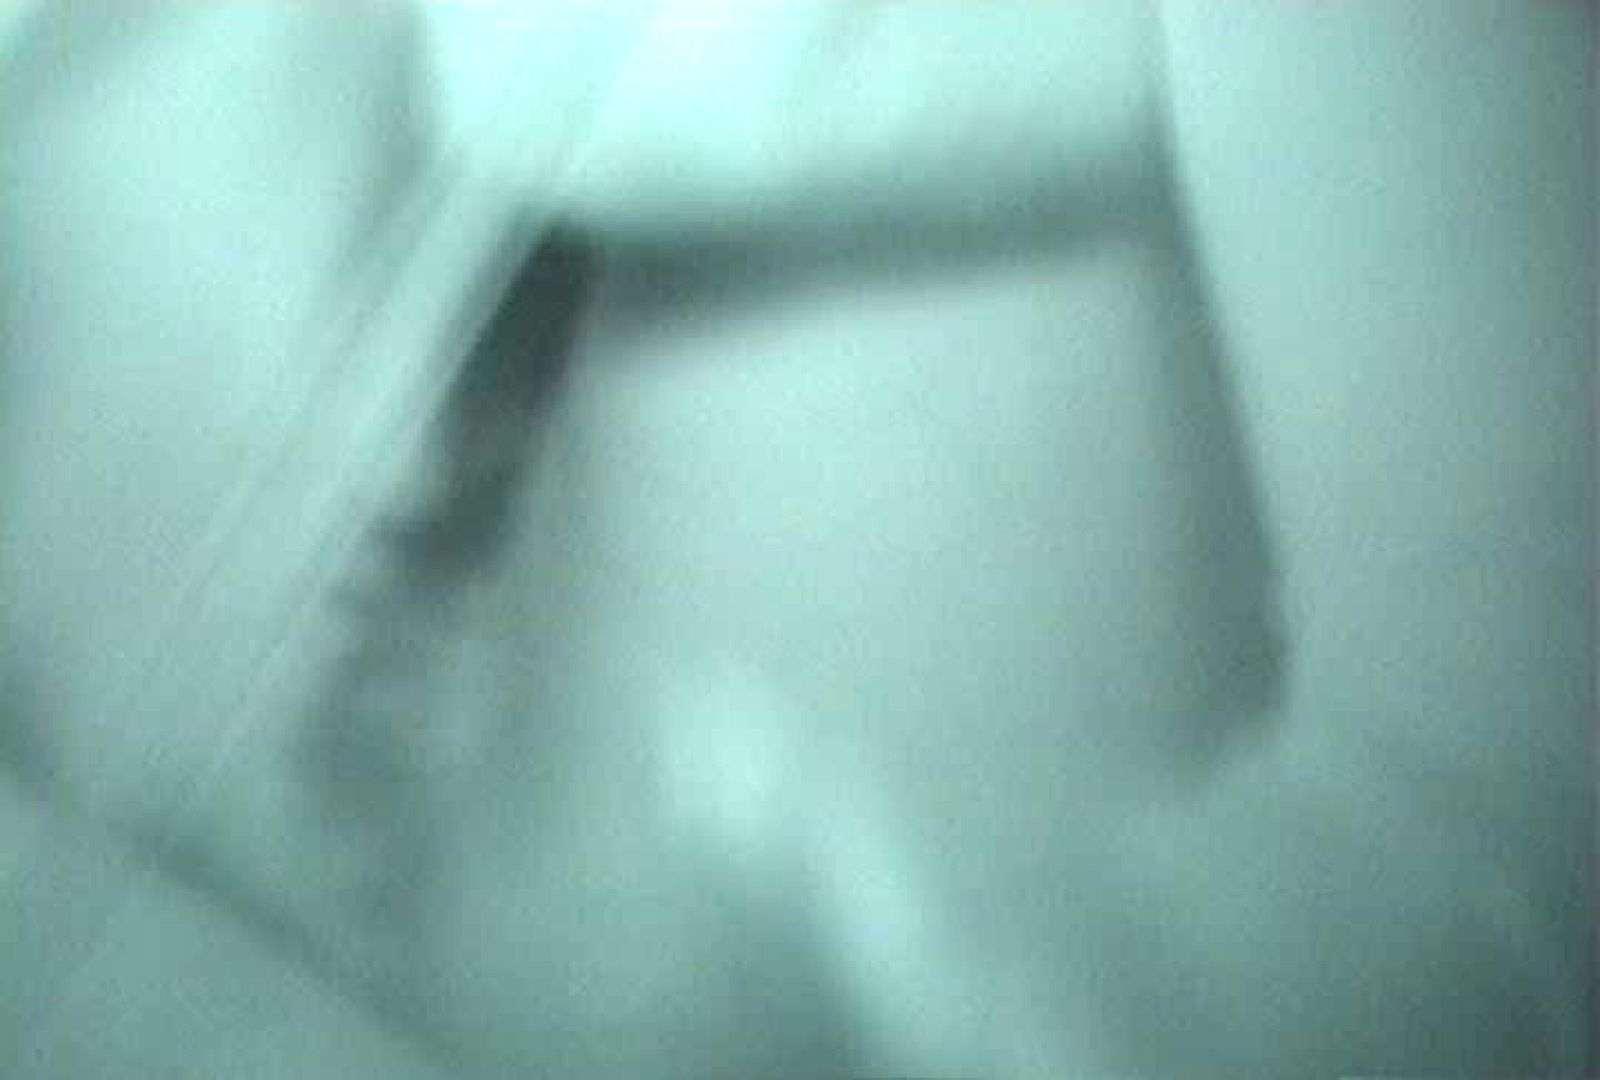 充血監督の深夜の運動会Vol.45 カップル盗撮 オマンコ動画キャプチャ 101画像 11